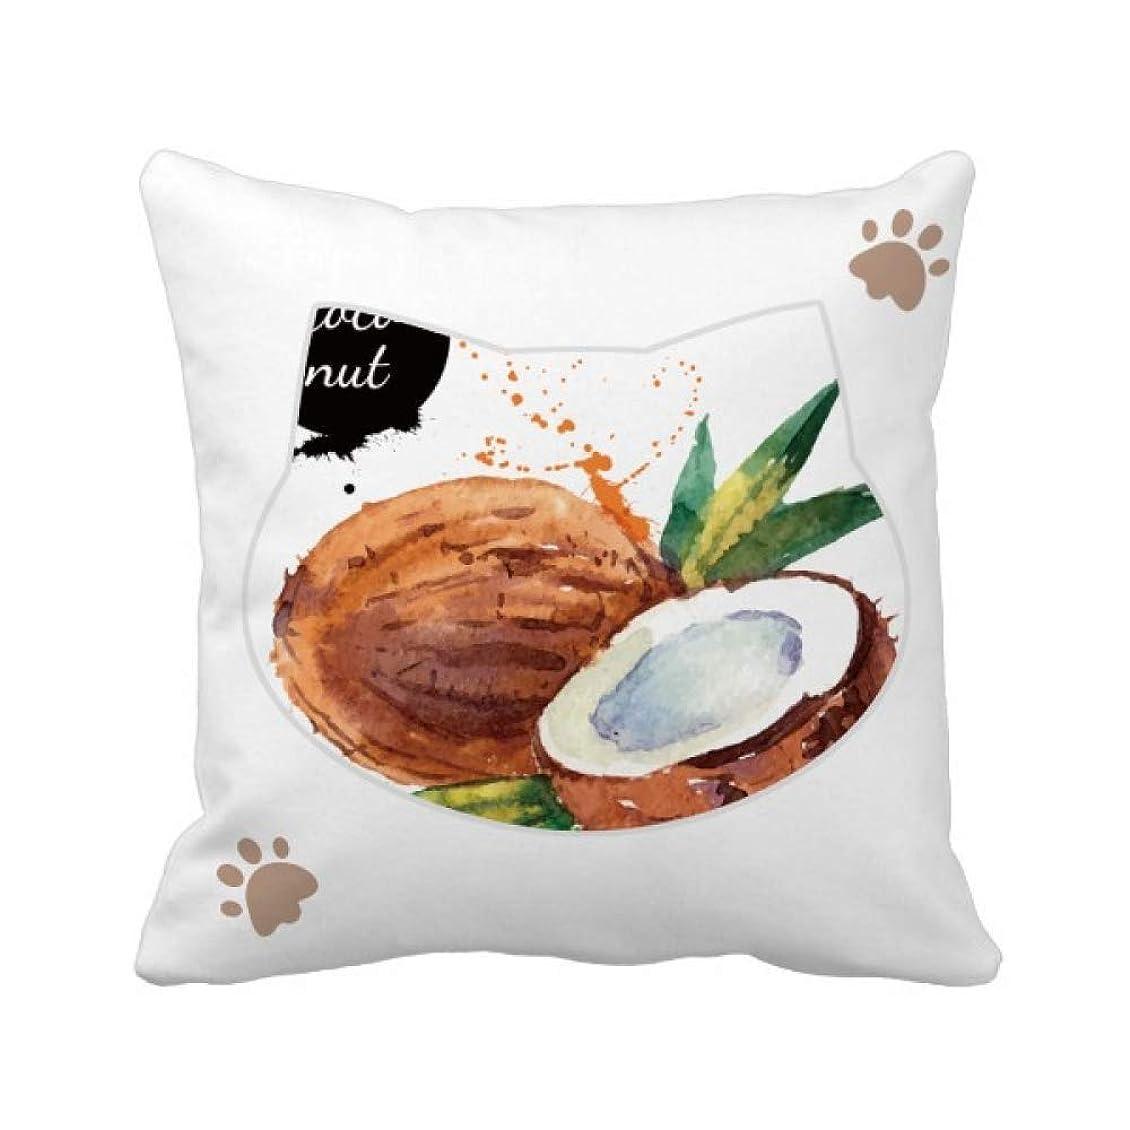 閉じ込める致命的矢印ココナッツフルーツのおいしい健康的な水彩画 枕カバーを放り投げる猫広場 50cm x 50cm